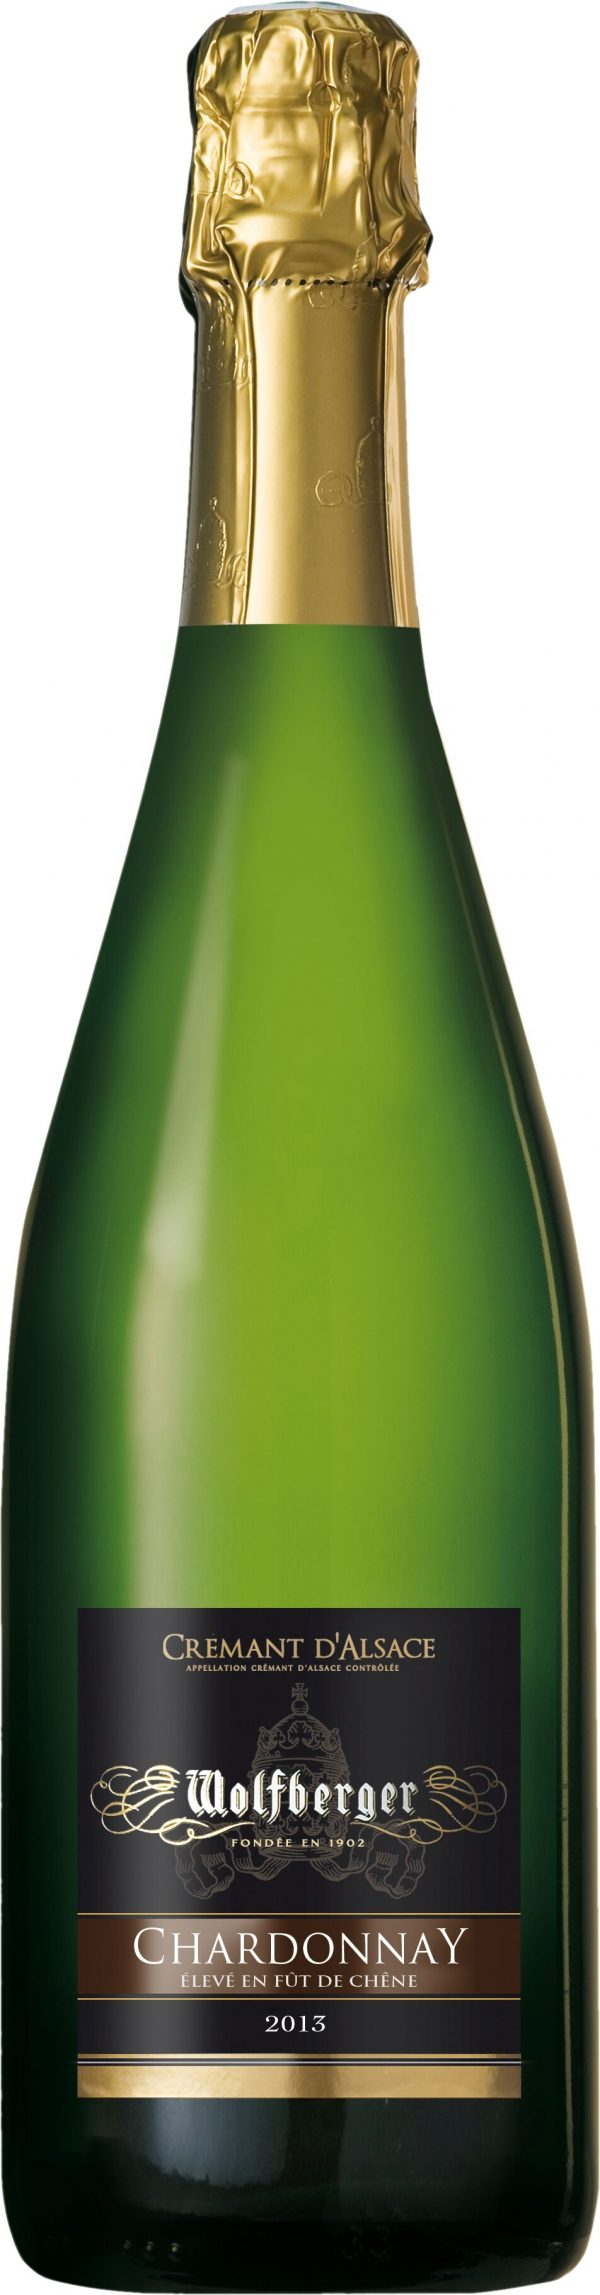 Wolfberger Crémant d'Alsace Chardonnay Brut 75cl